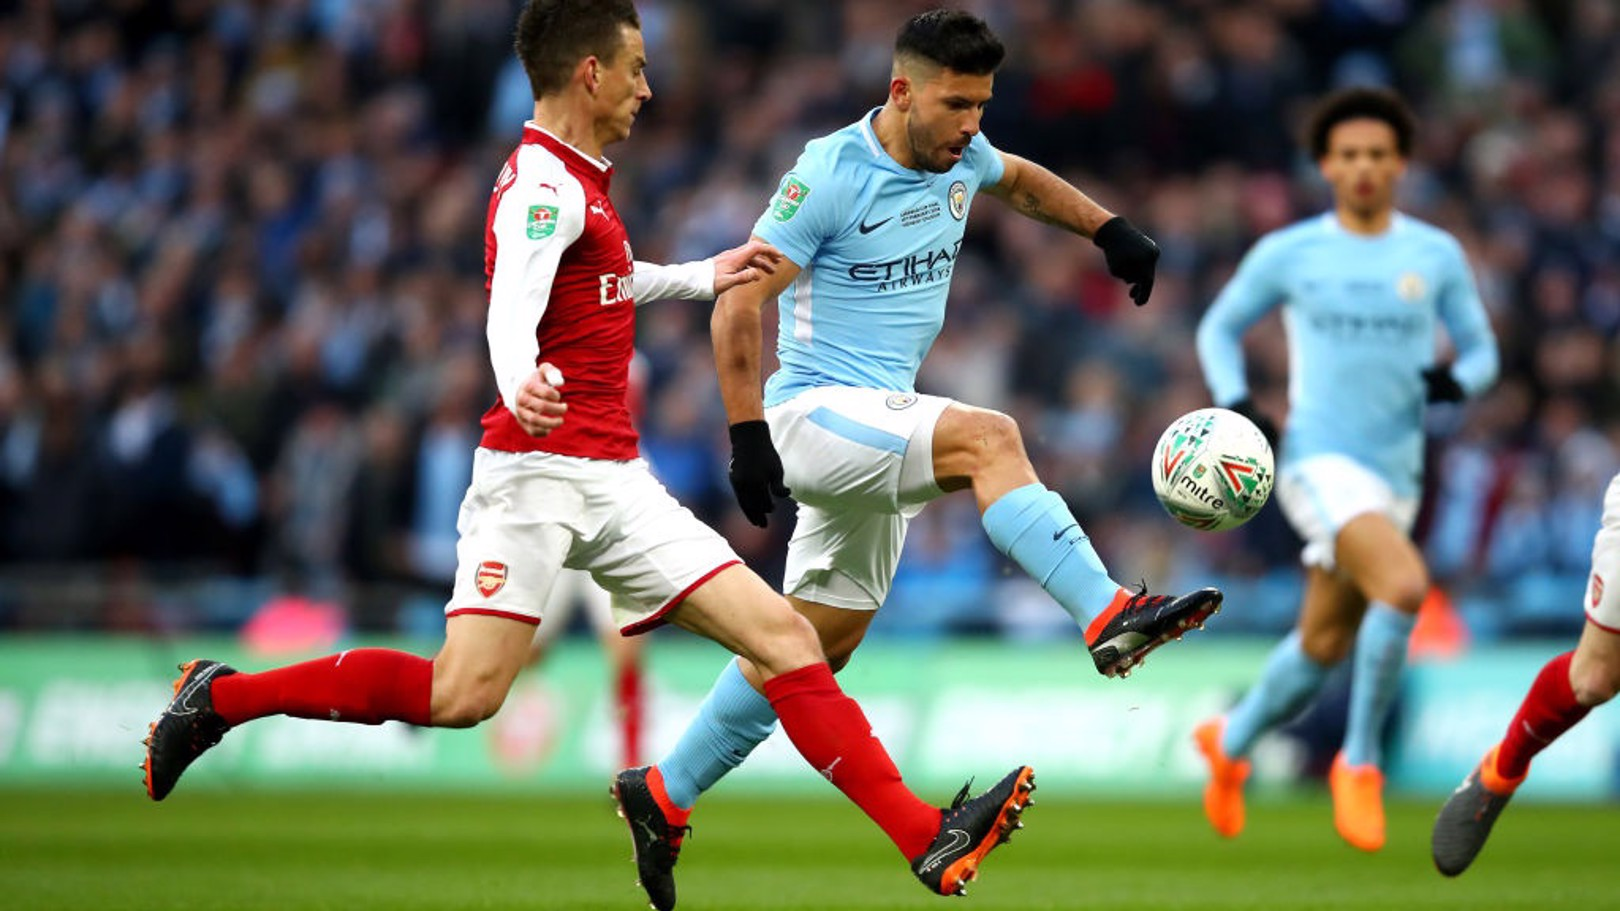 CAMPEÓN. Sergio anota el primer gol del City en la final de la Carabao Cup ante el Arsenal.